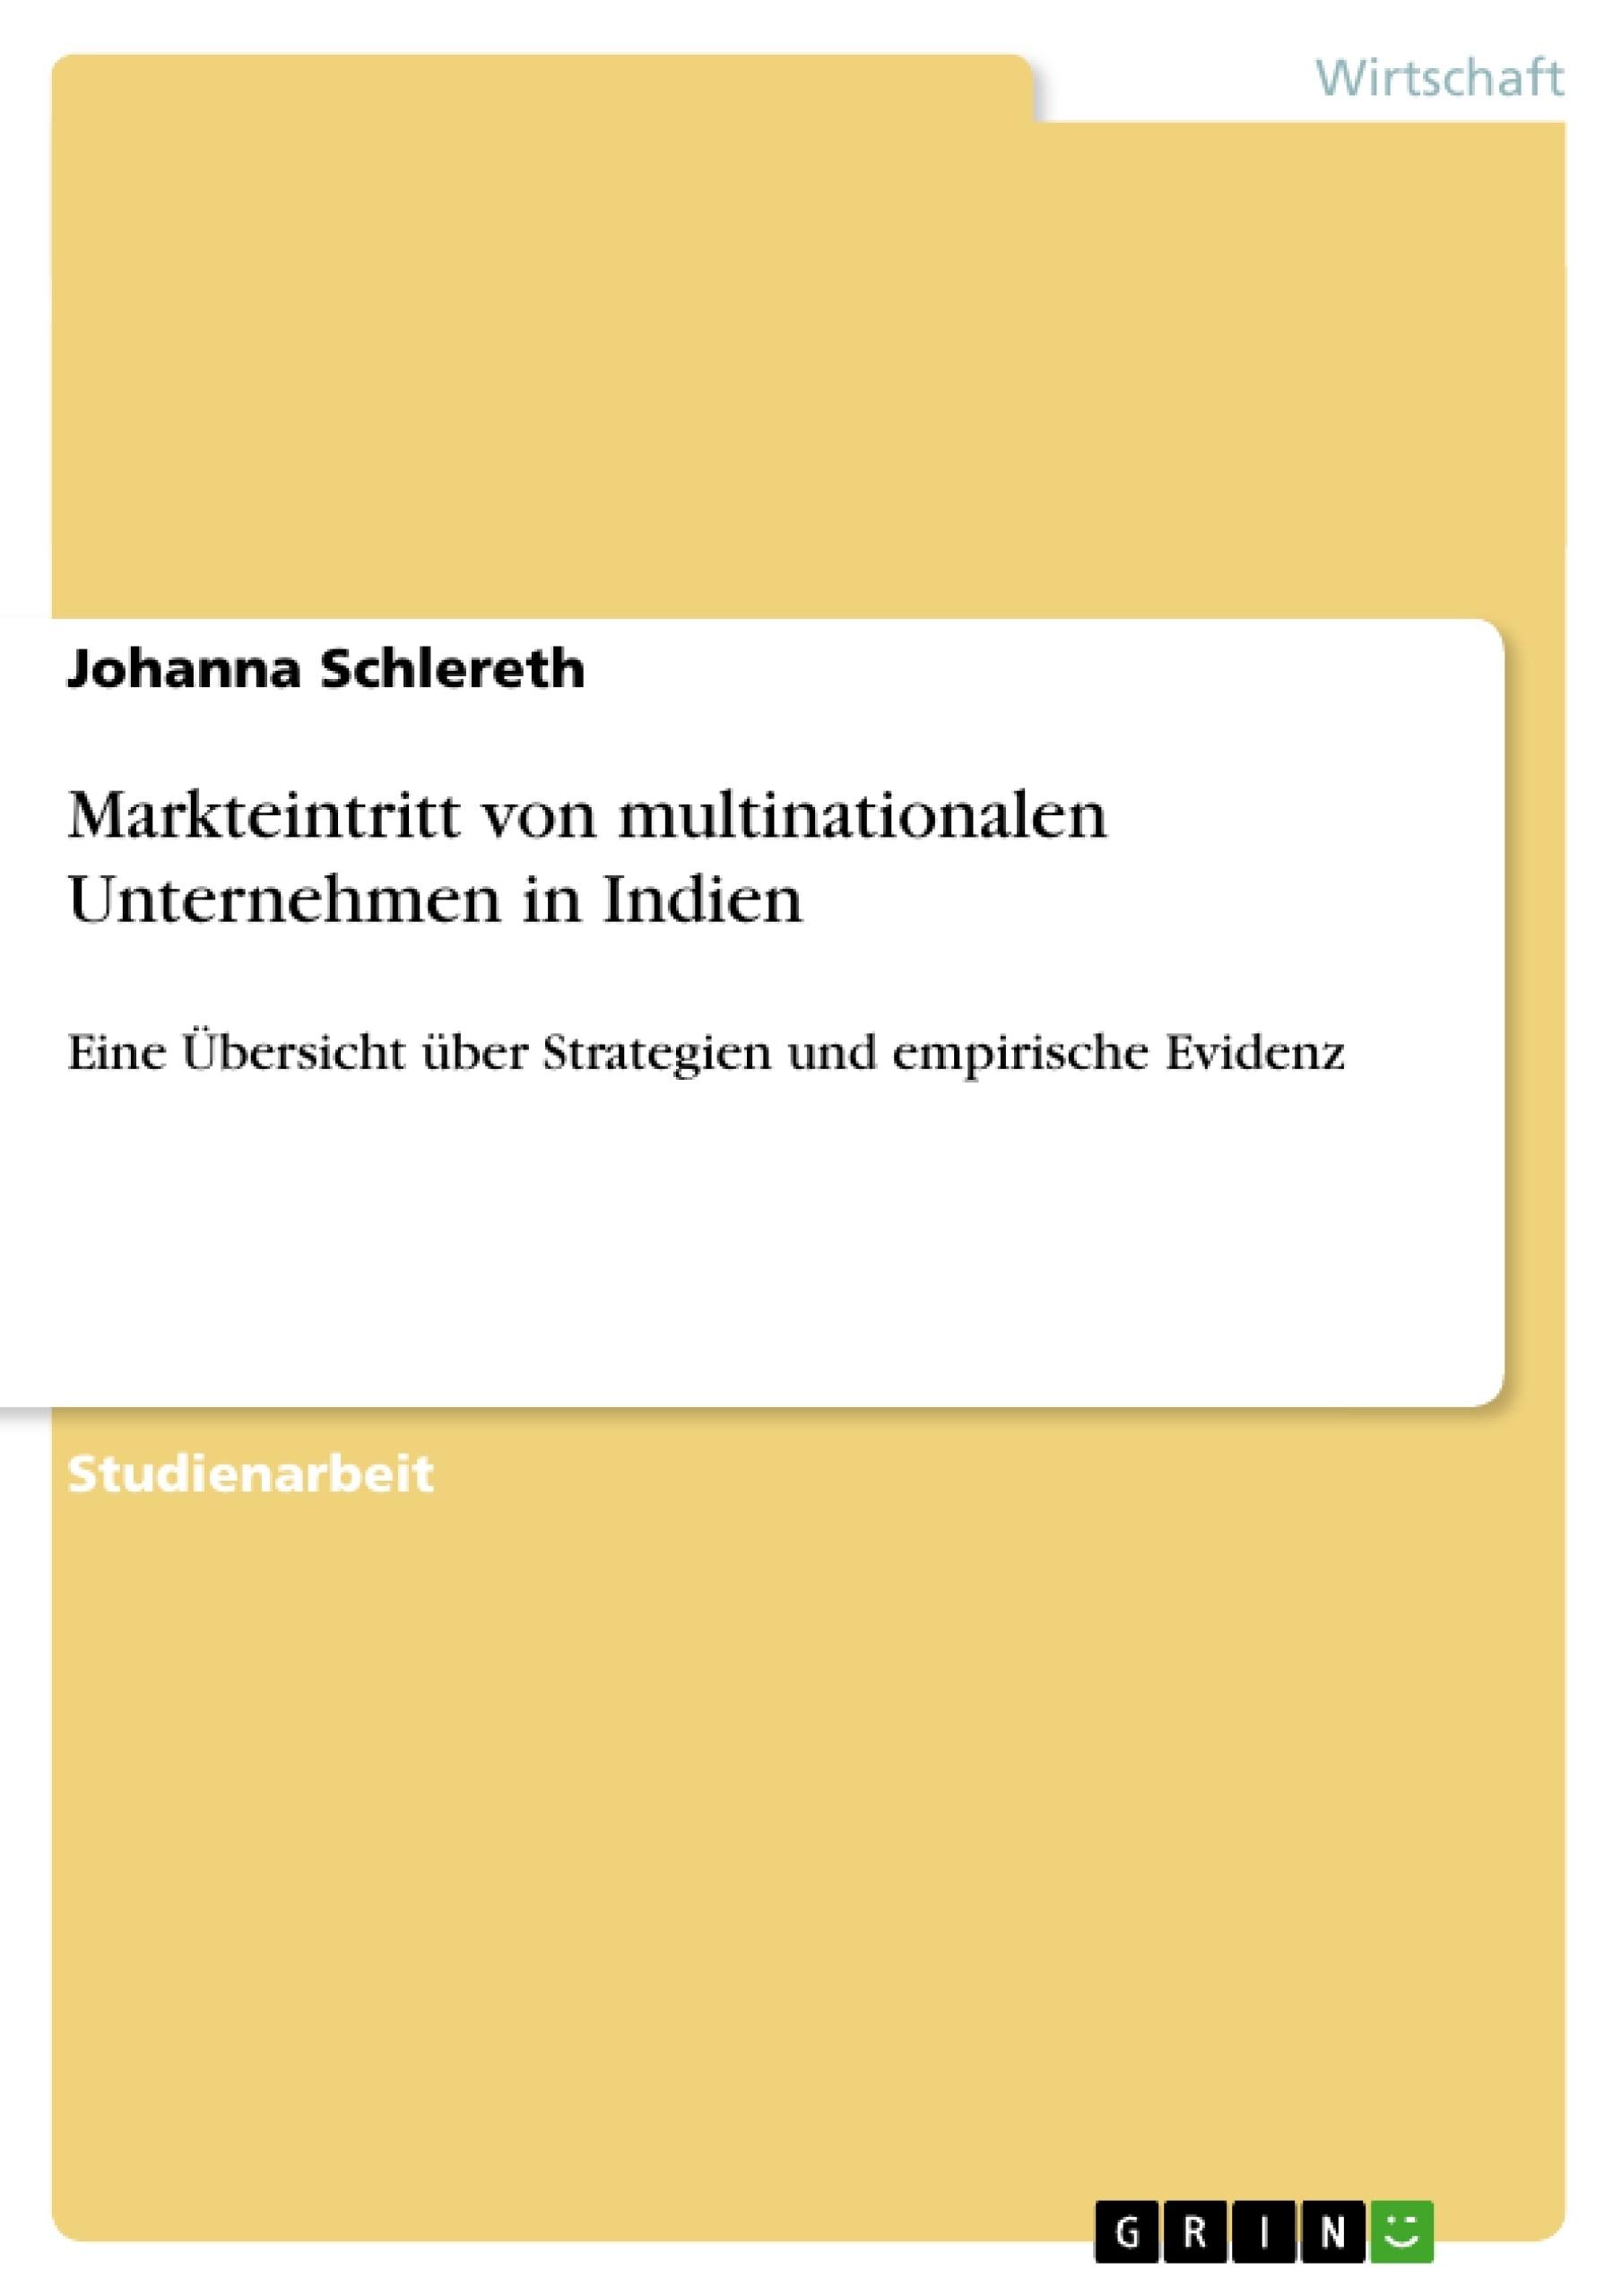 Titel: Markteintritt von multinationalen Unternehmen in Indien